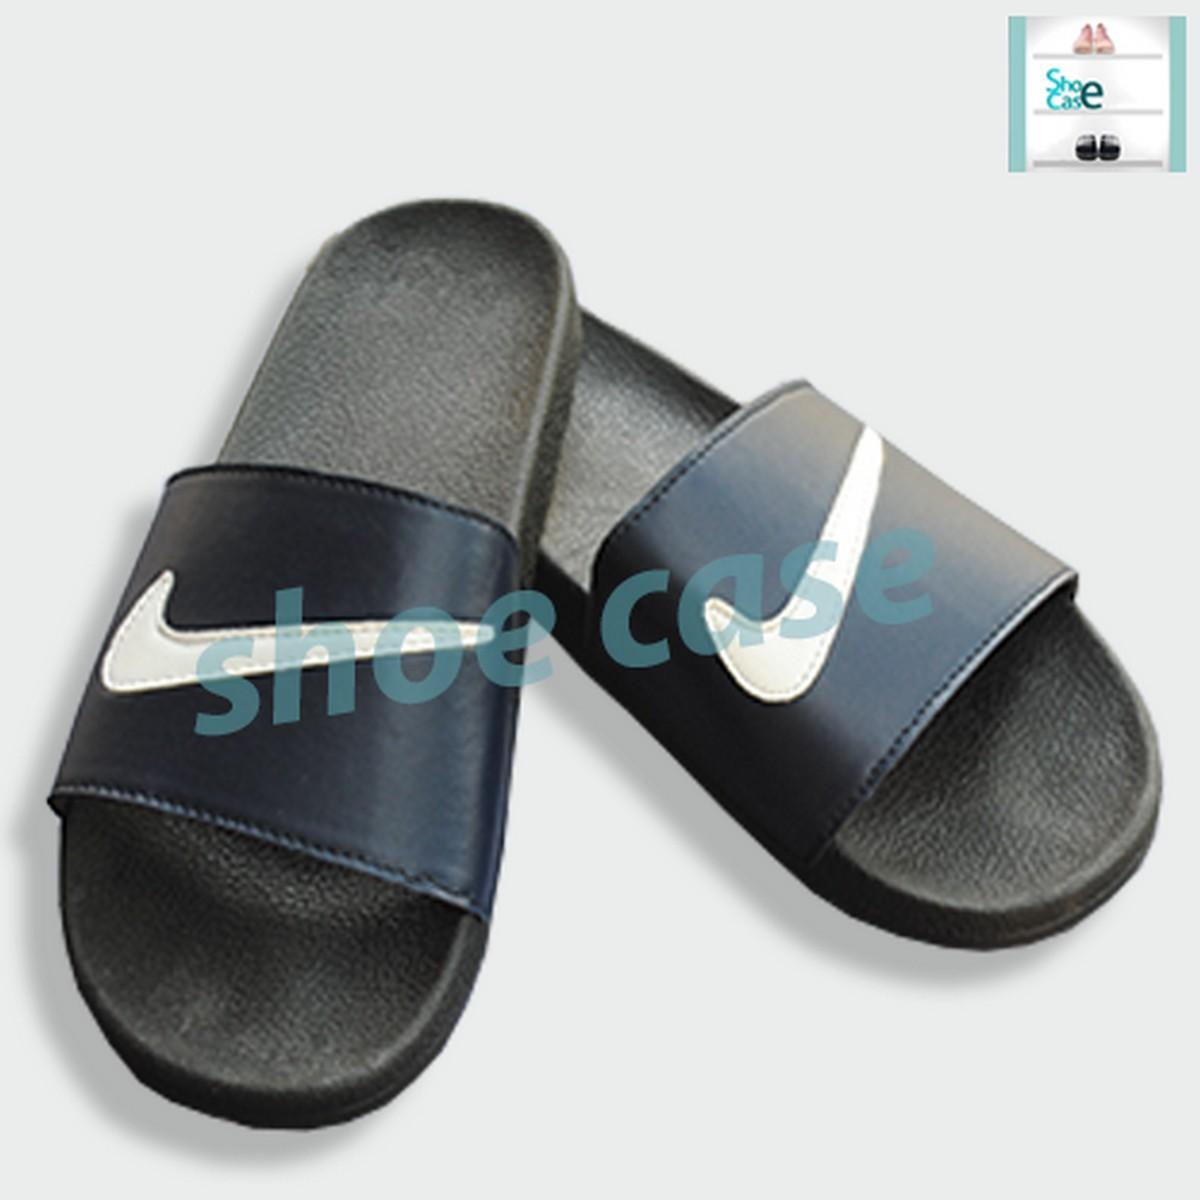 Slippers for Men - Good Quality Flip Flops